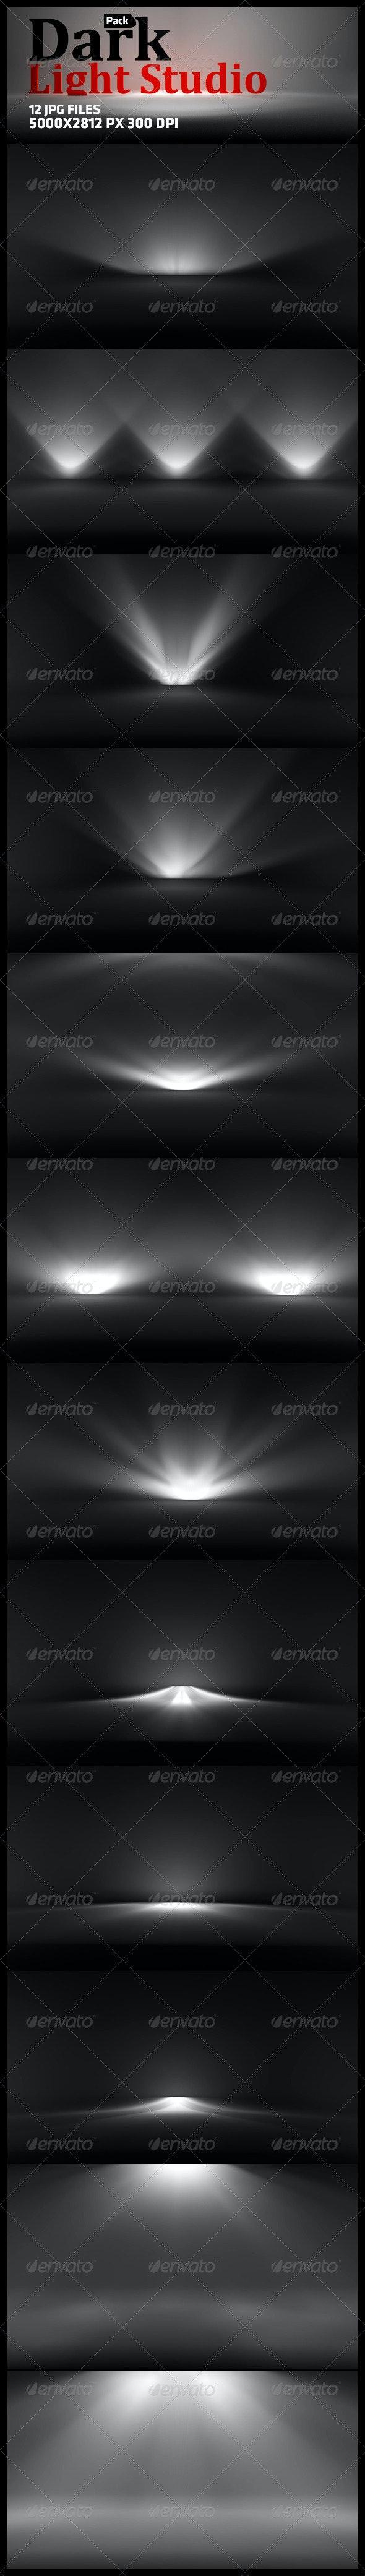 Dark Light Studio - Abstract Backgrounds